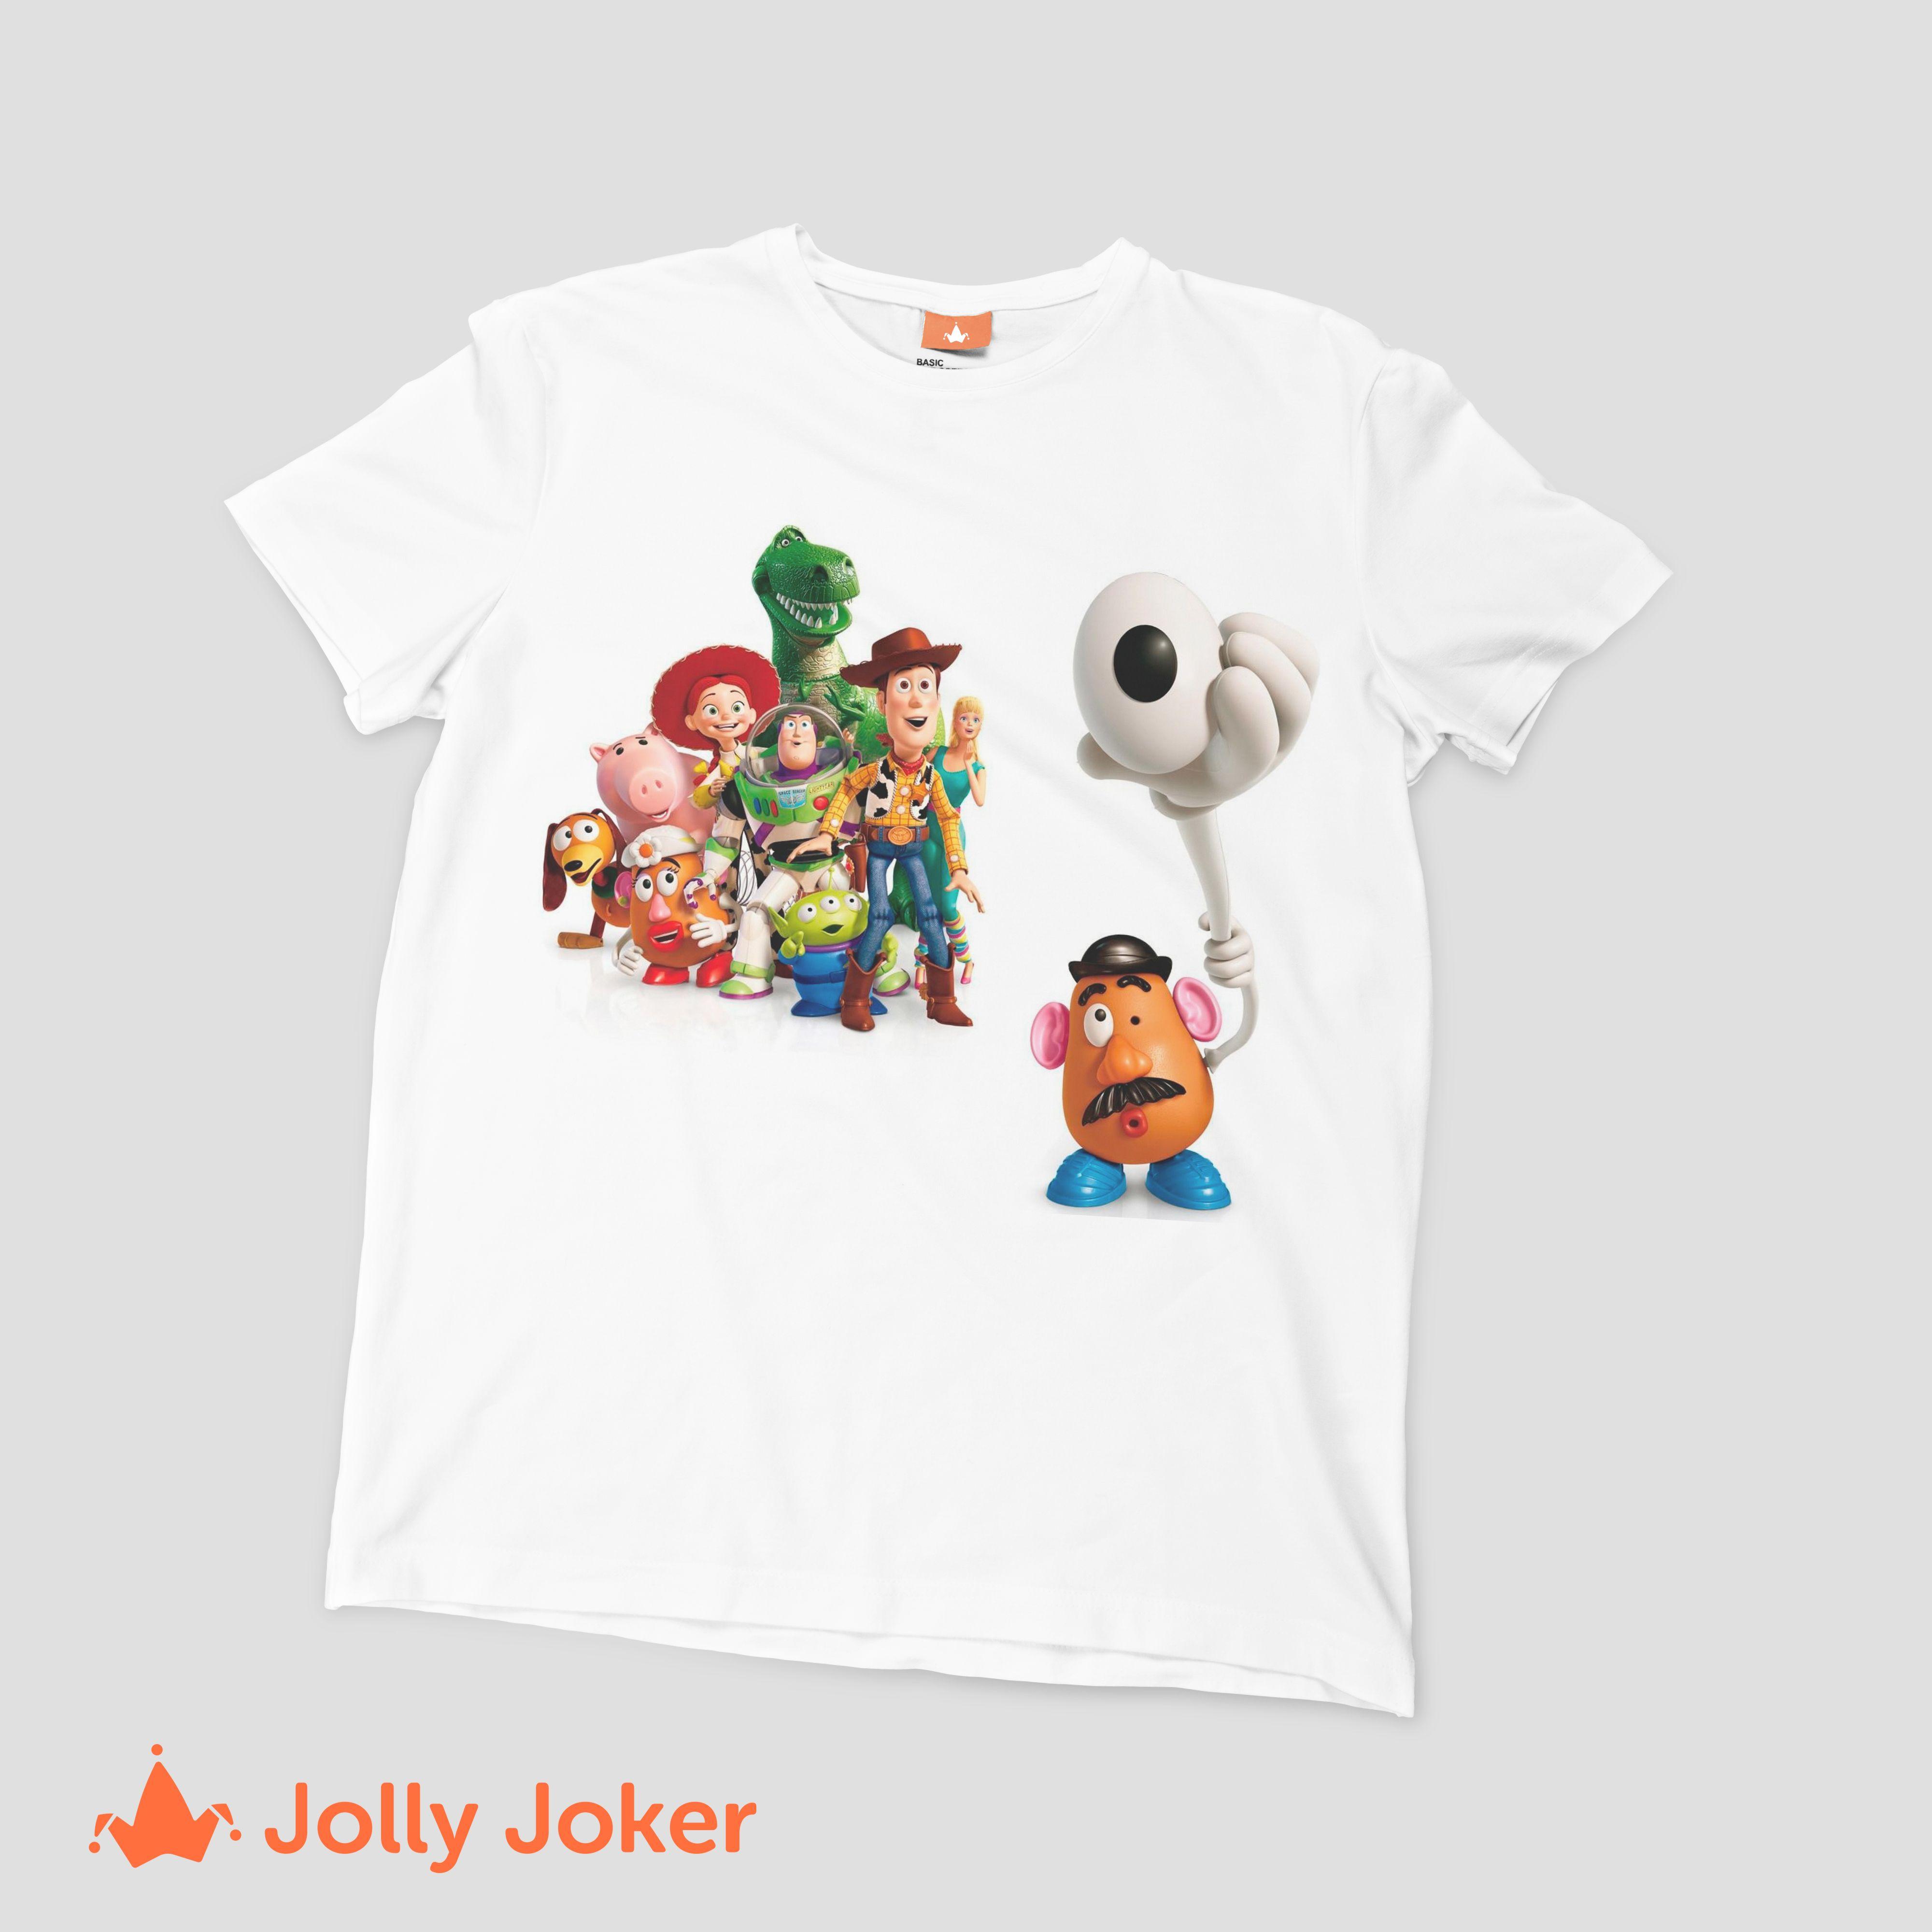 Camisetas personalizadas para niños y niñas. Entra a jollyjokerco y diseña  tu camiseta como quieras. Inspirate con estos diseños para ser una camiseta  única ... eacc11a1644